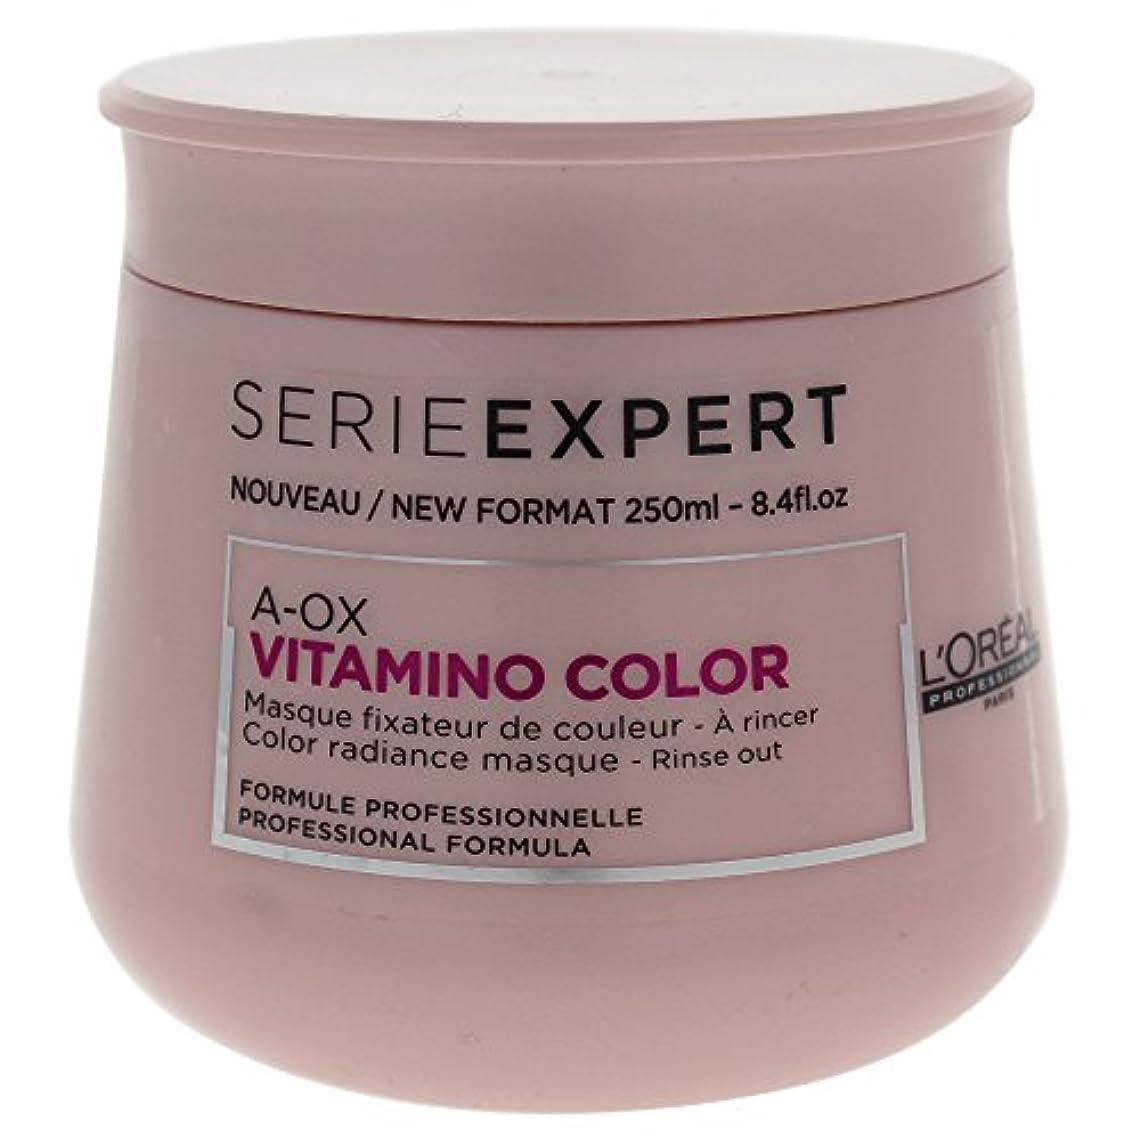 加害者保育園生産性L'Oreal Serie Expert A-OX VITAMINO COLOR Color Radiance Masque 250 ml [並行輸入品]